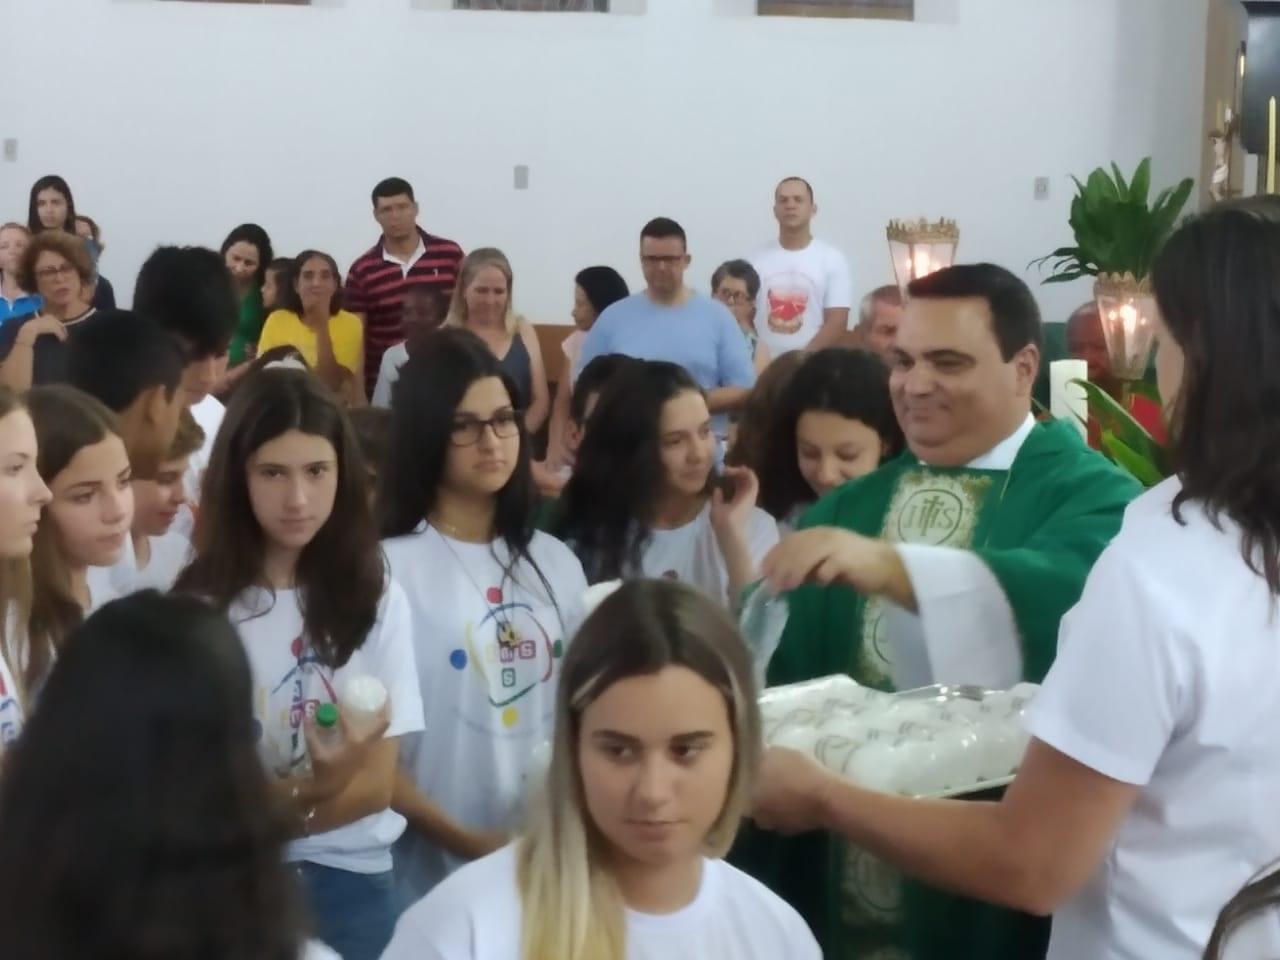 Pe. Flávio da Silveira de Souza.